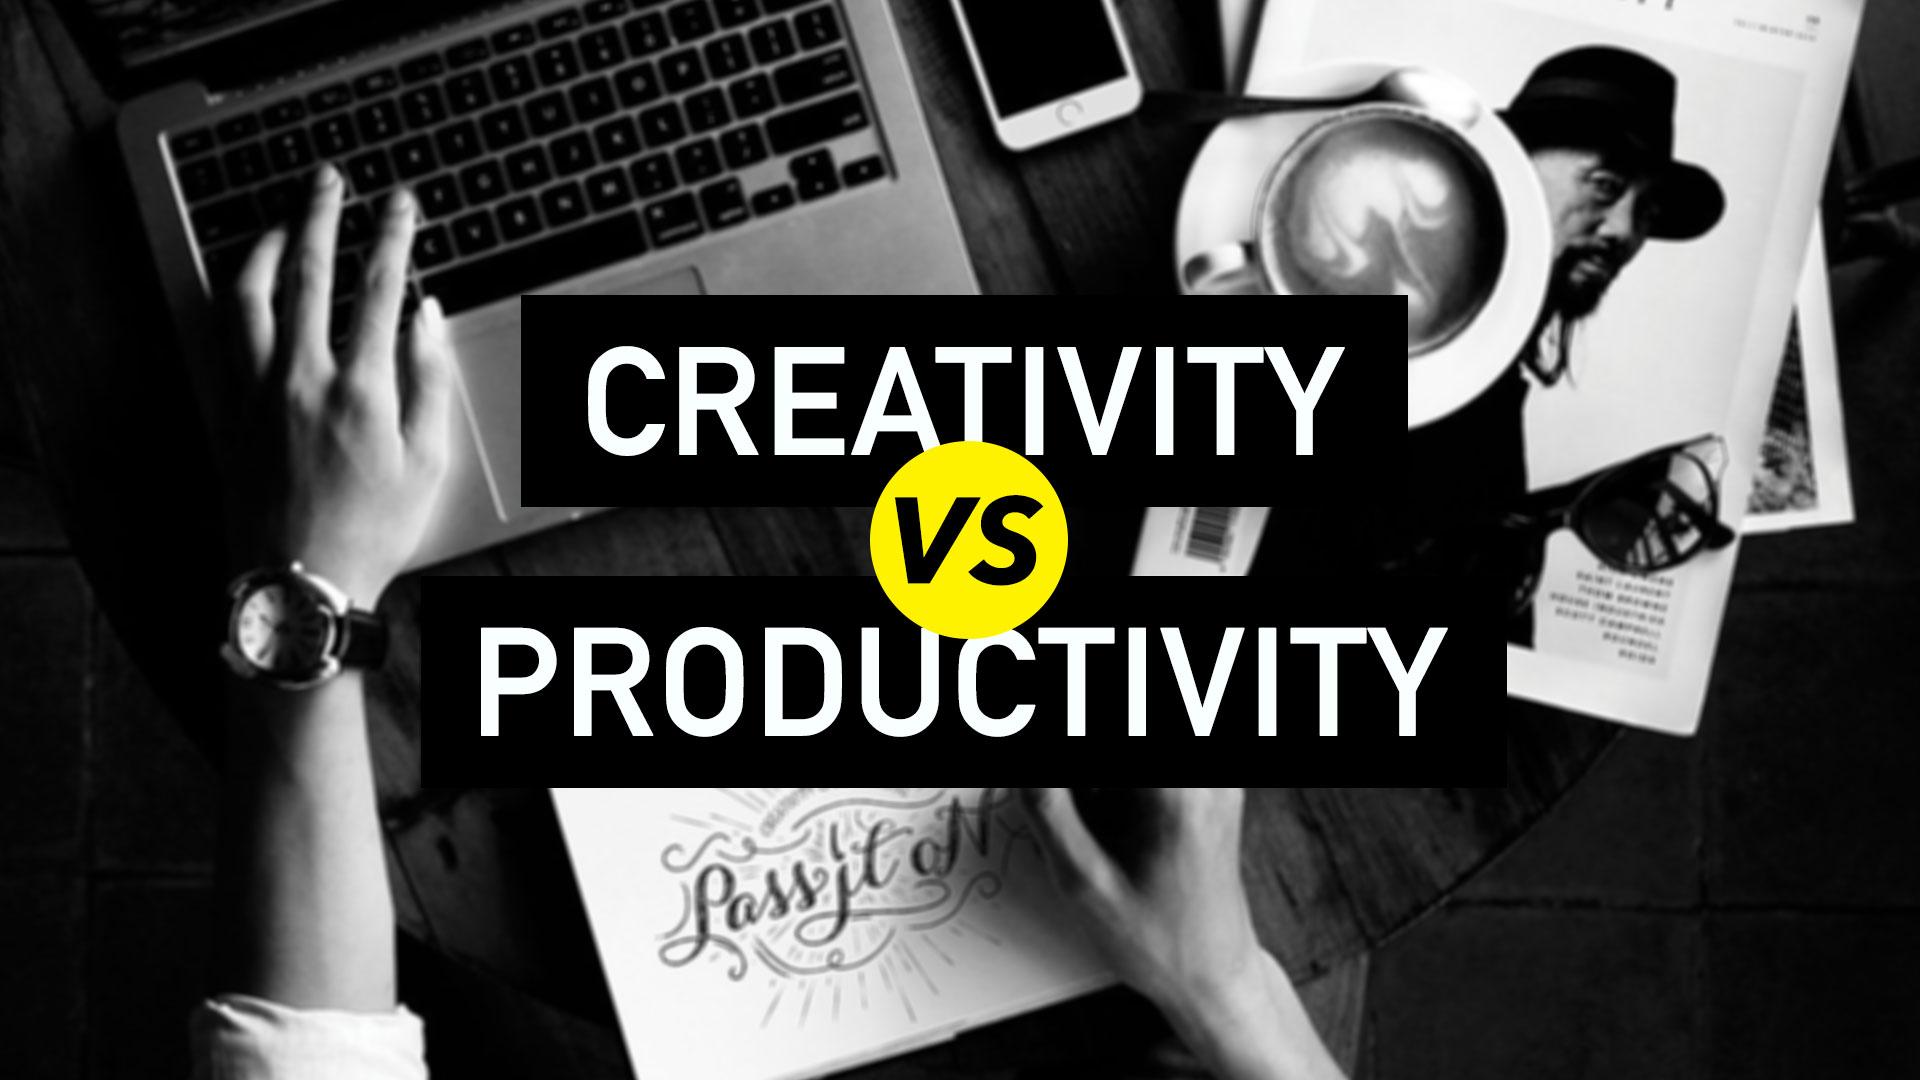 Creativity vs Productivity